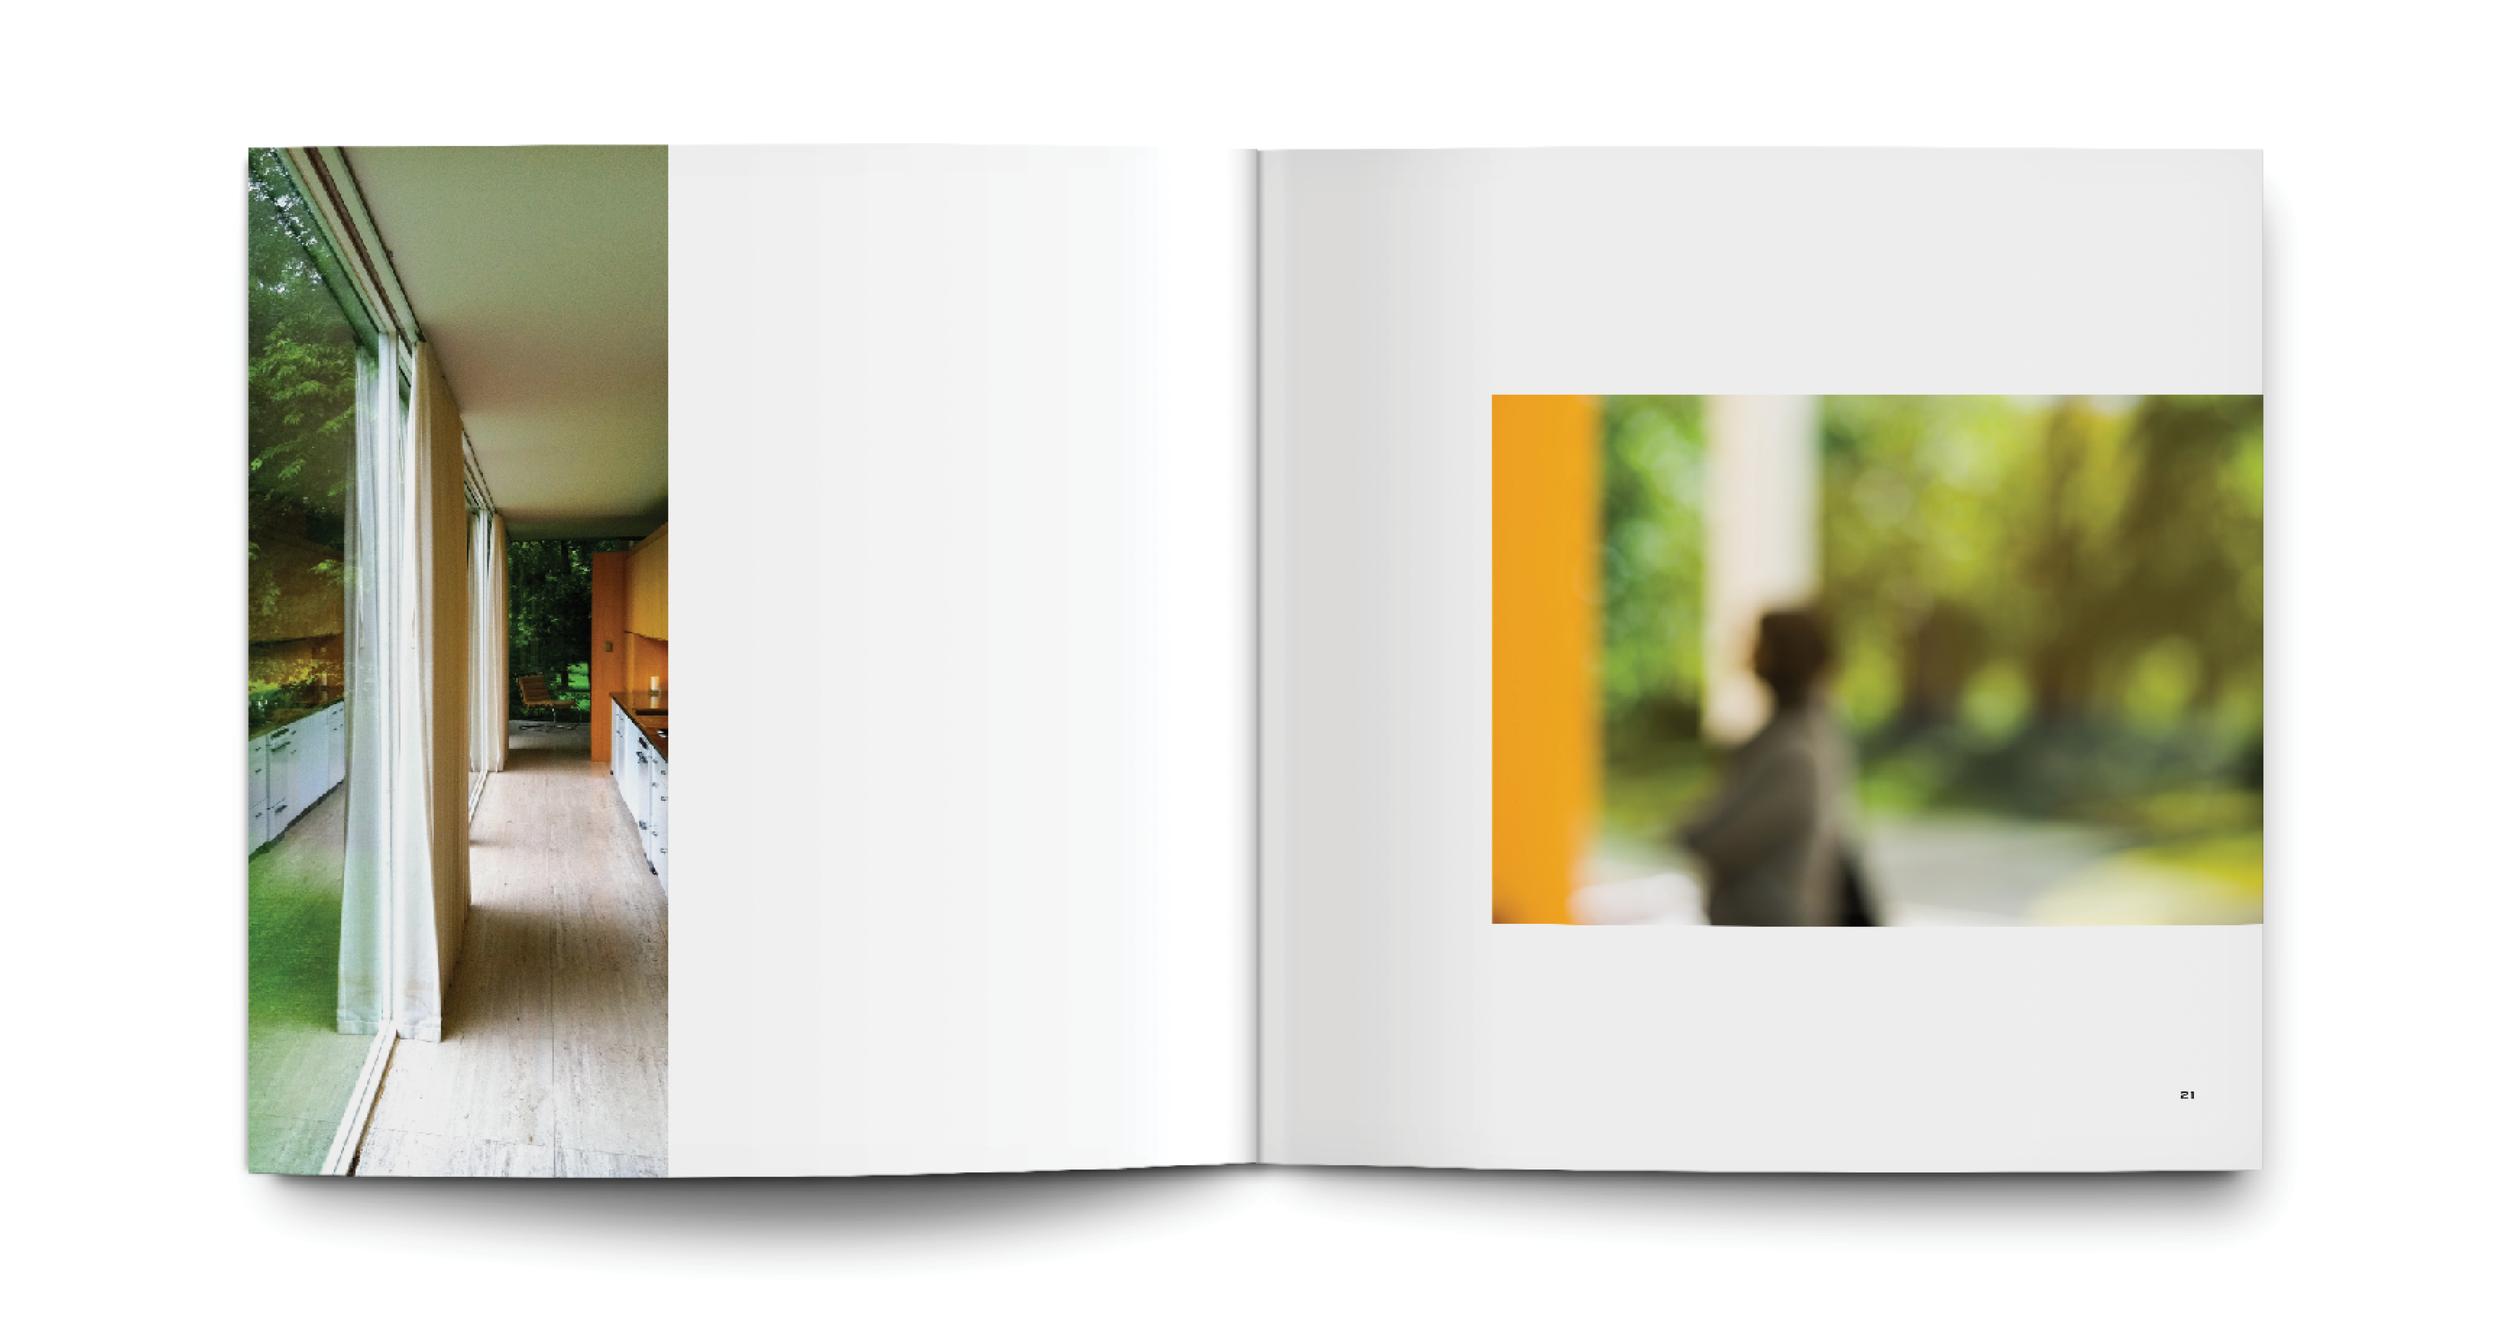 LS Book 3 [Images]10.png